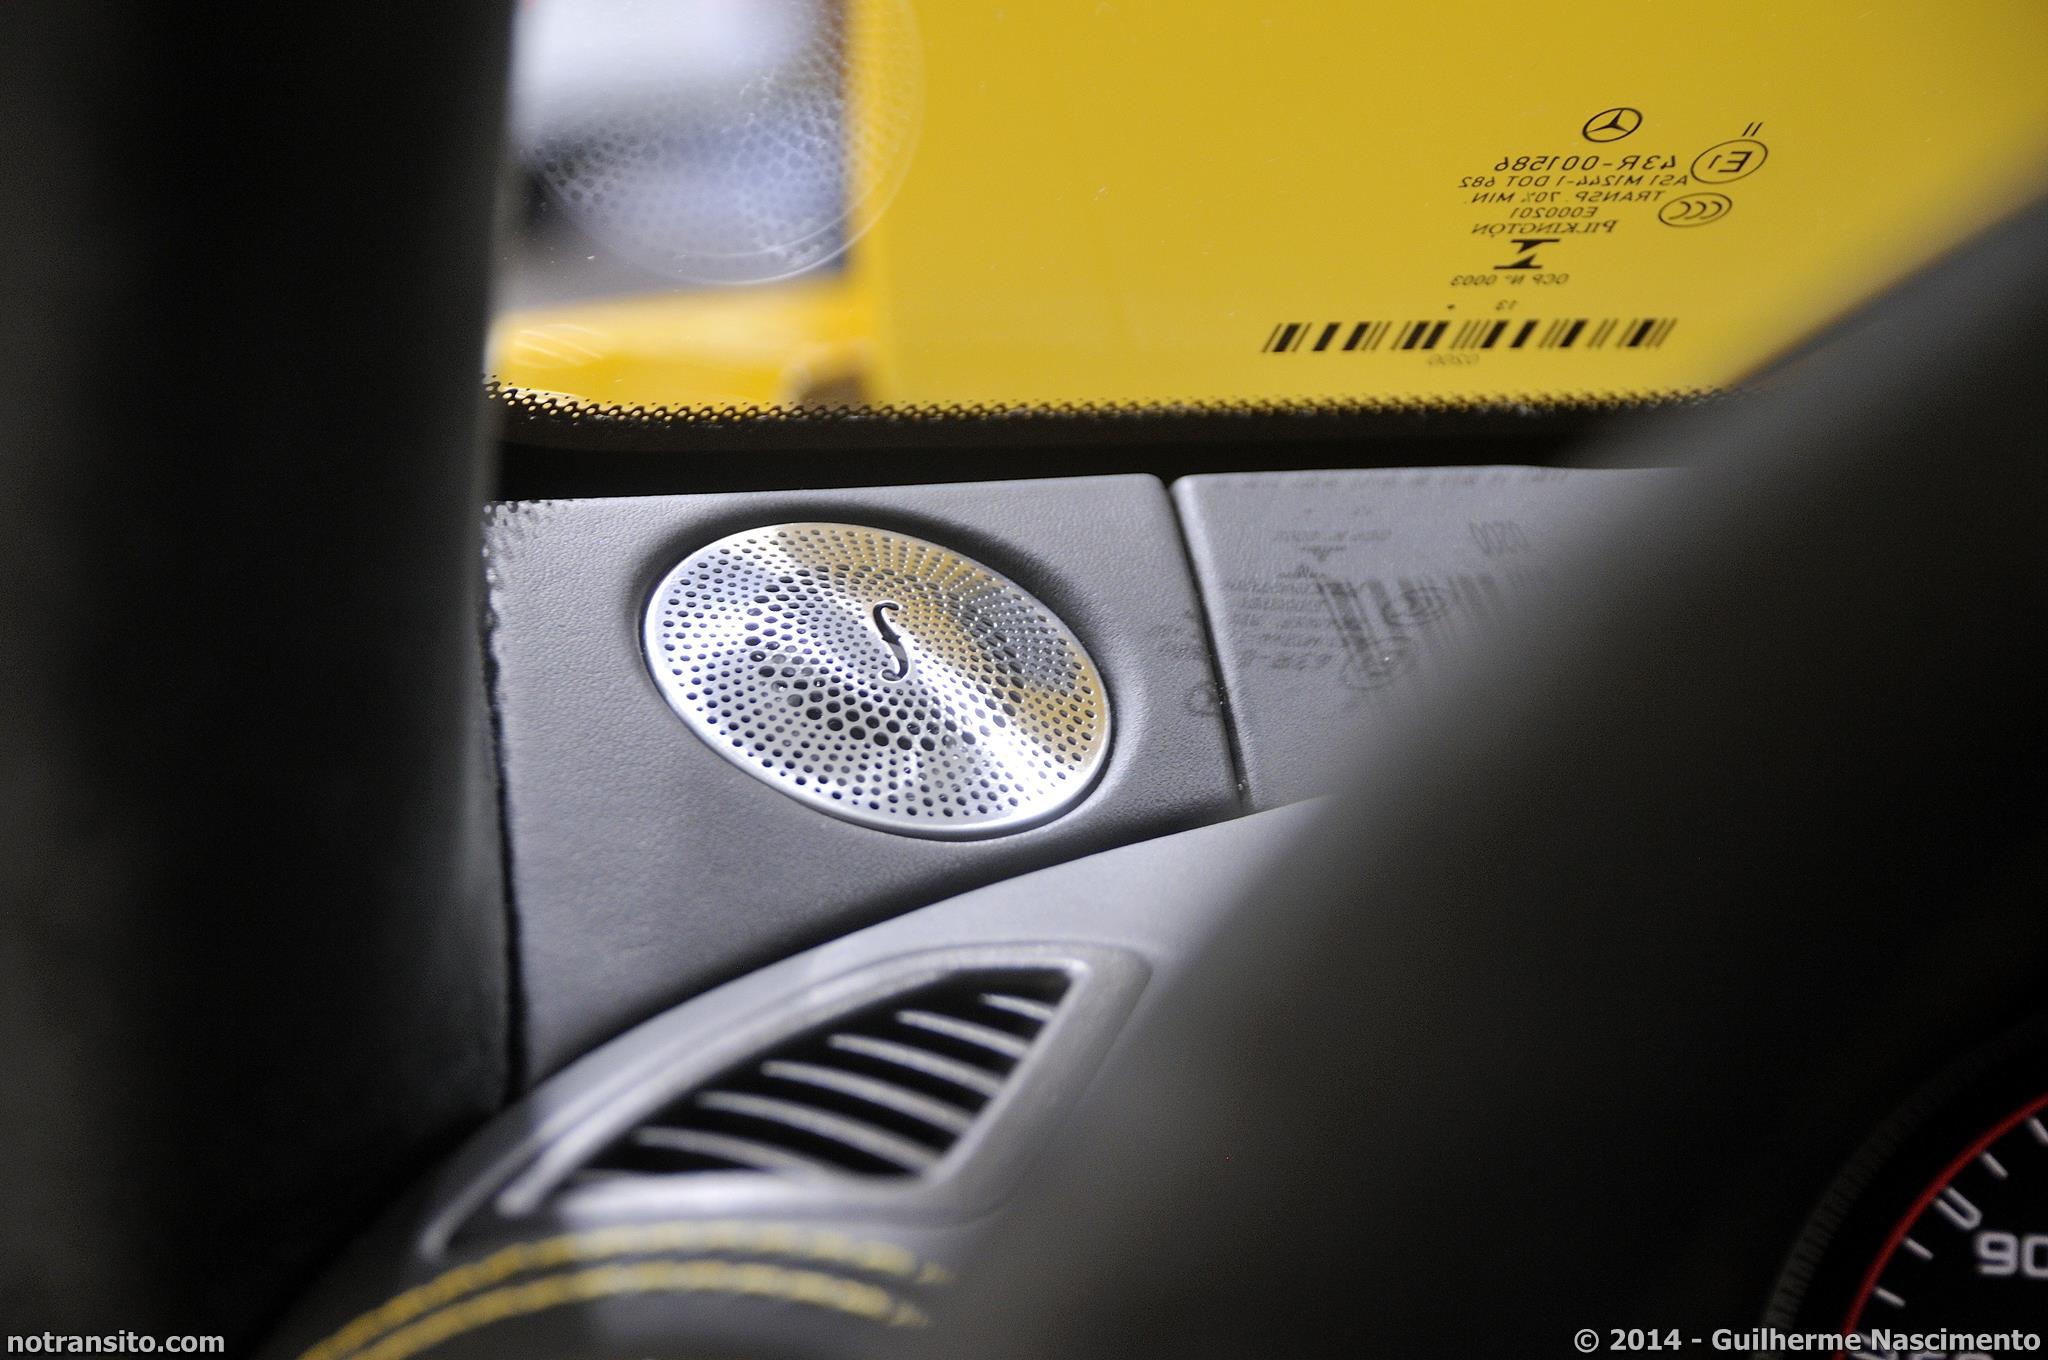 Salão do Automóvel de São Paulo 2014, 28º Salão do Automóvel de São Paulo, Mercedes-Benz AMG GT S C190 Sunbeam Yellow